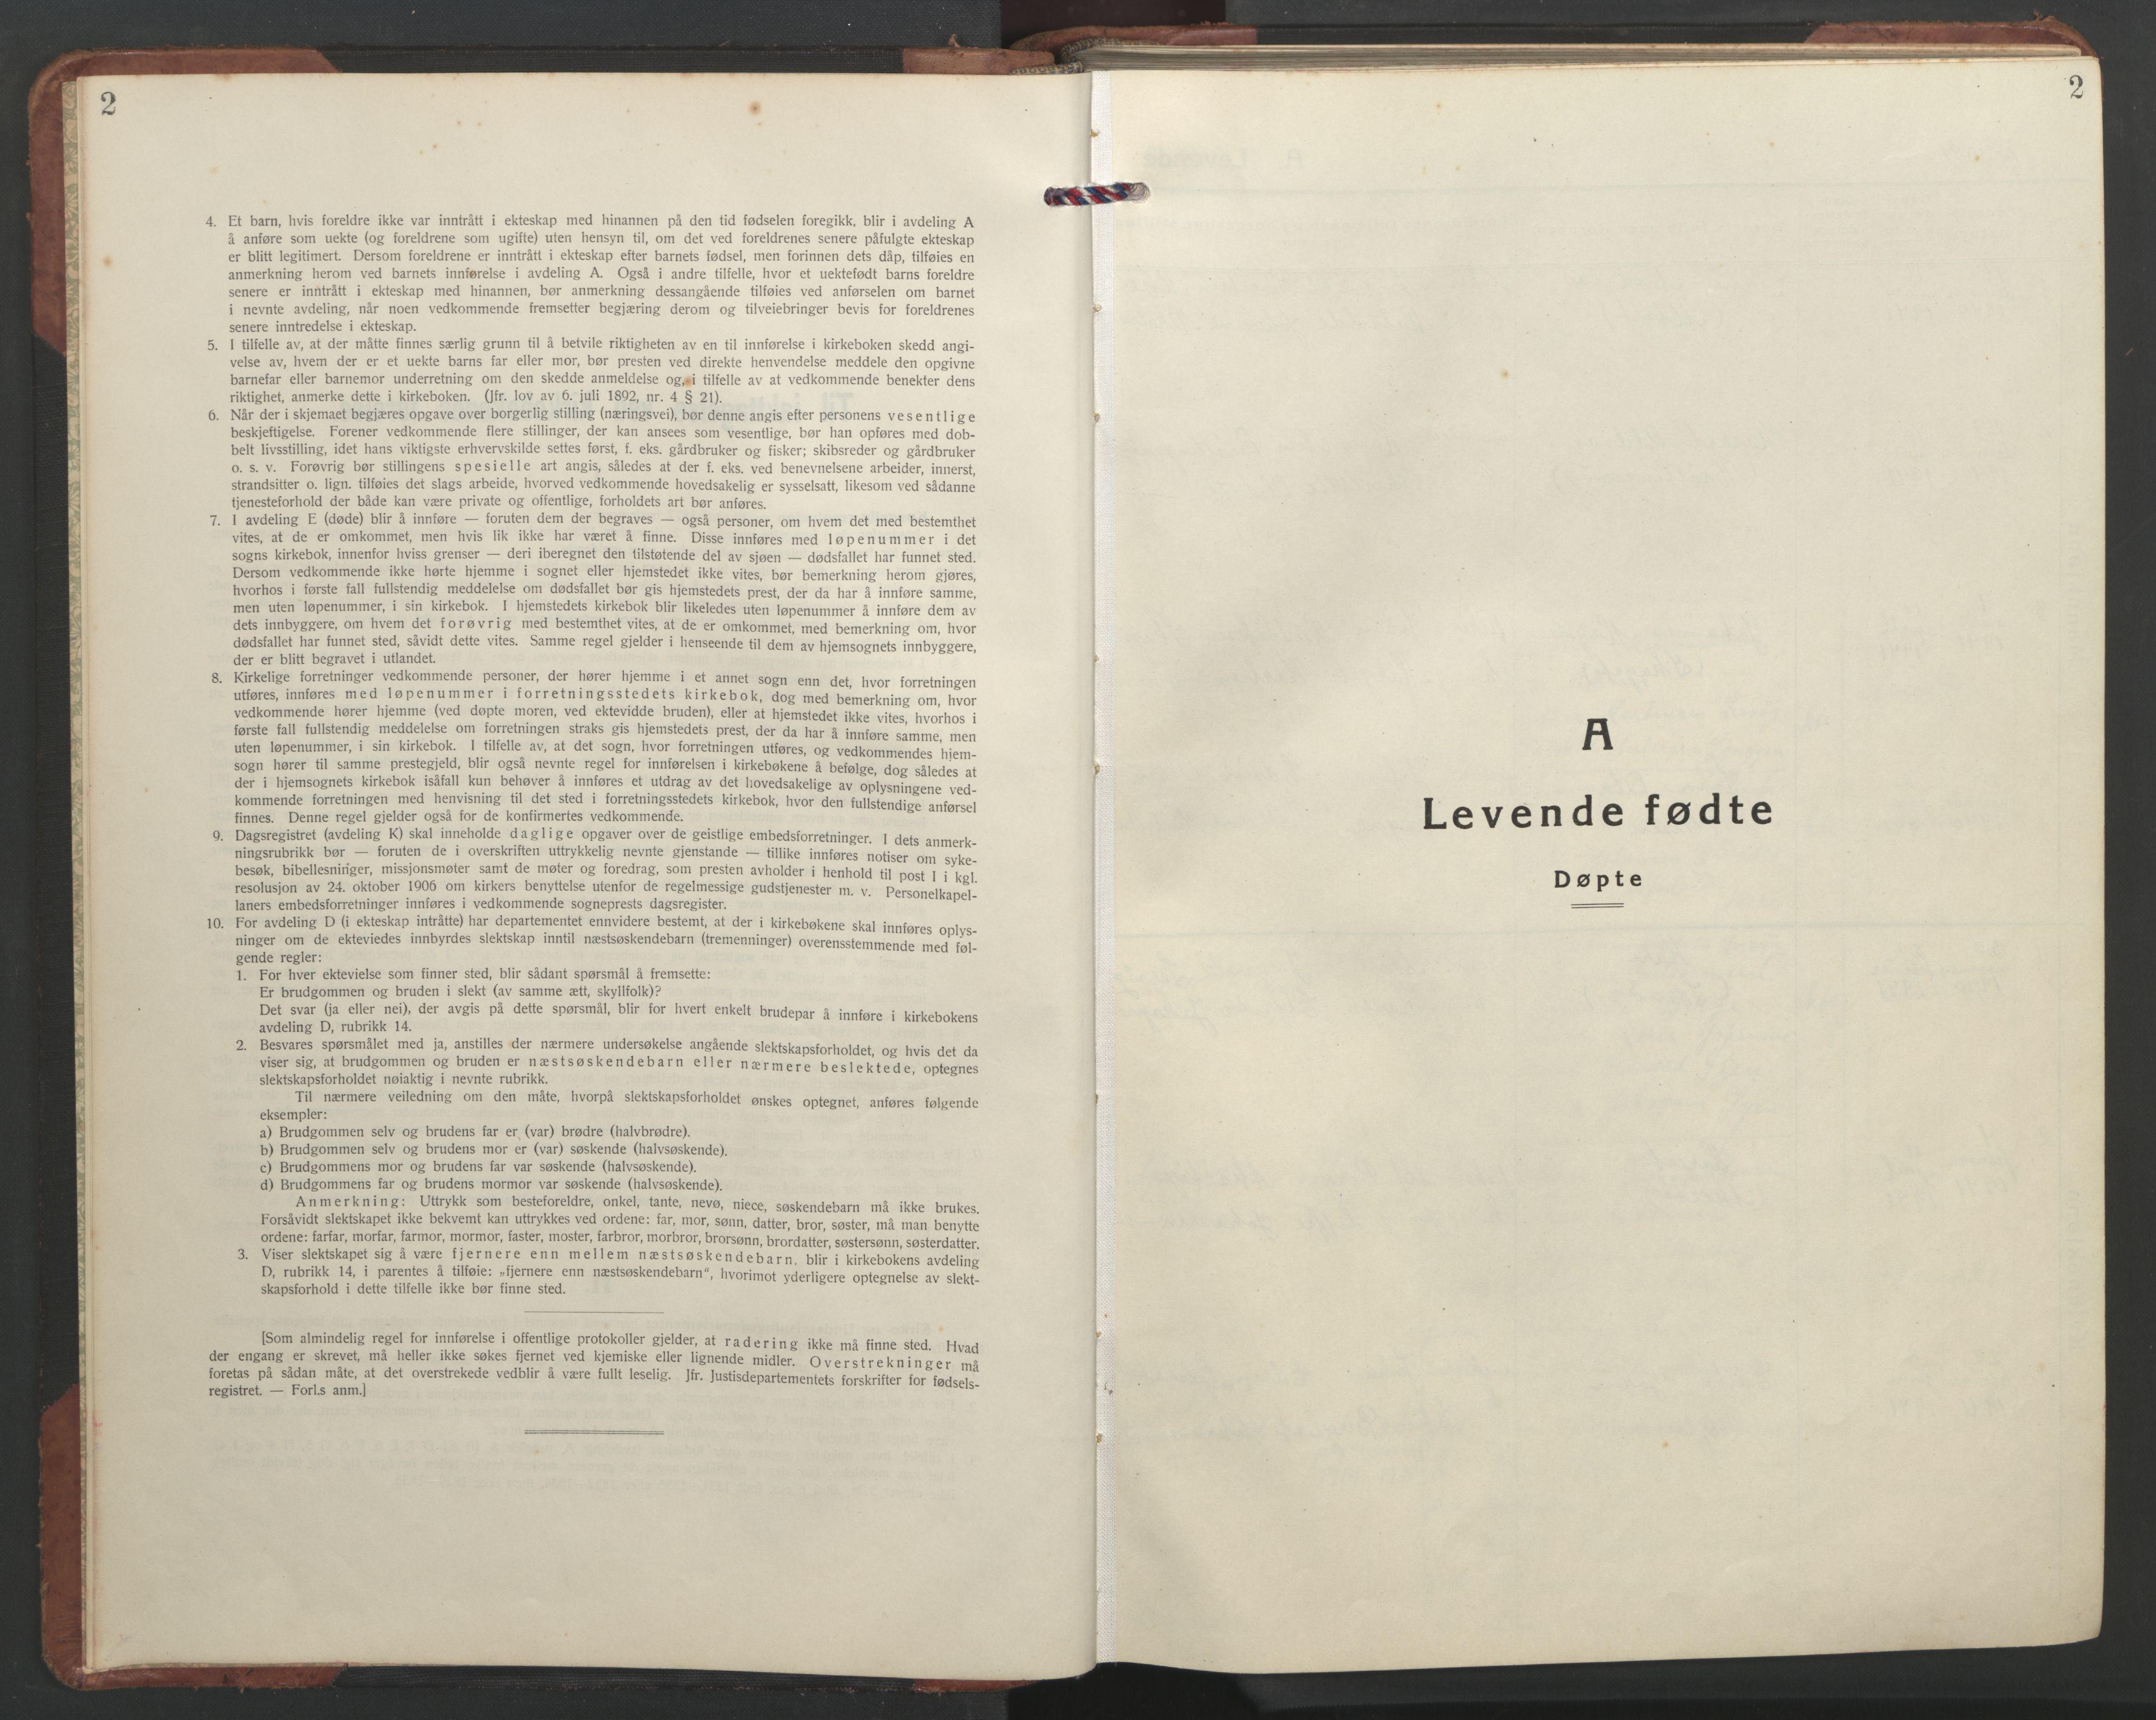 SAT, Ministerialprotokoller, klokkerbøker og fødselsregistre - Sør-Trøndelag, 637/L0564: Klokkerbok nr. 637C05, 1928-1968, s. 2